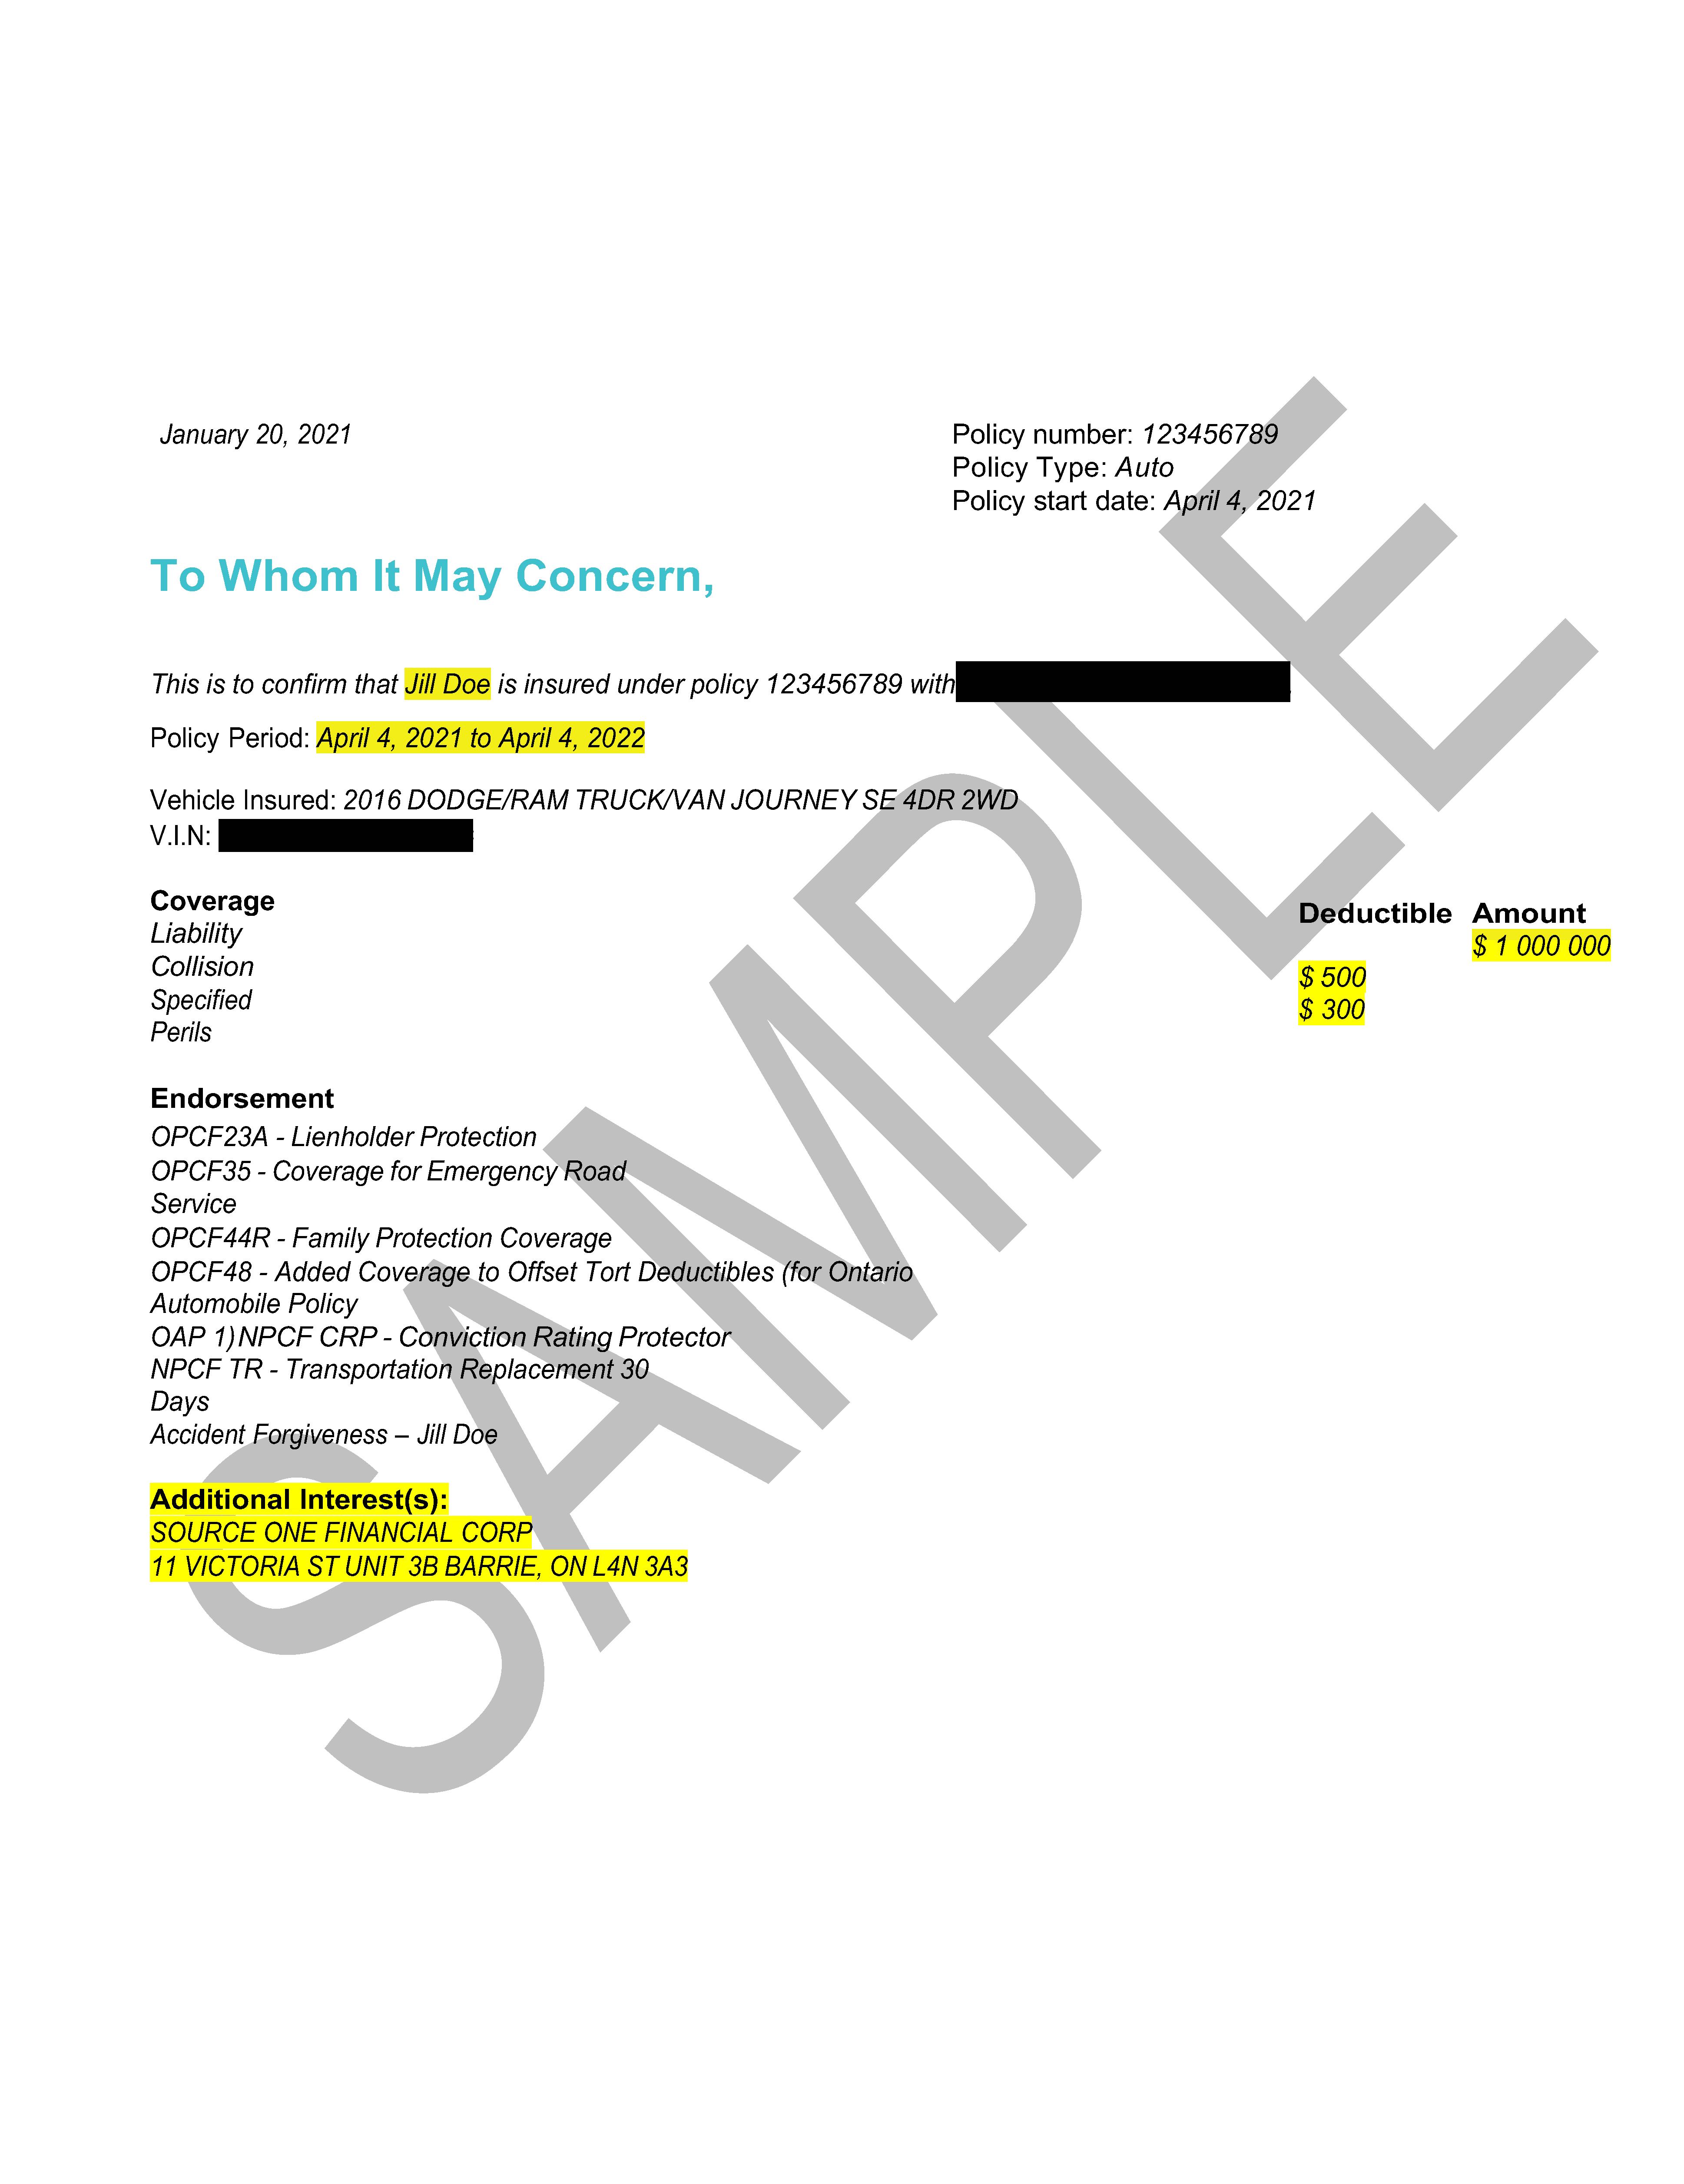 Sample insurance document